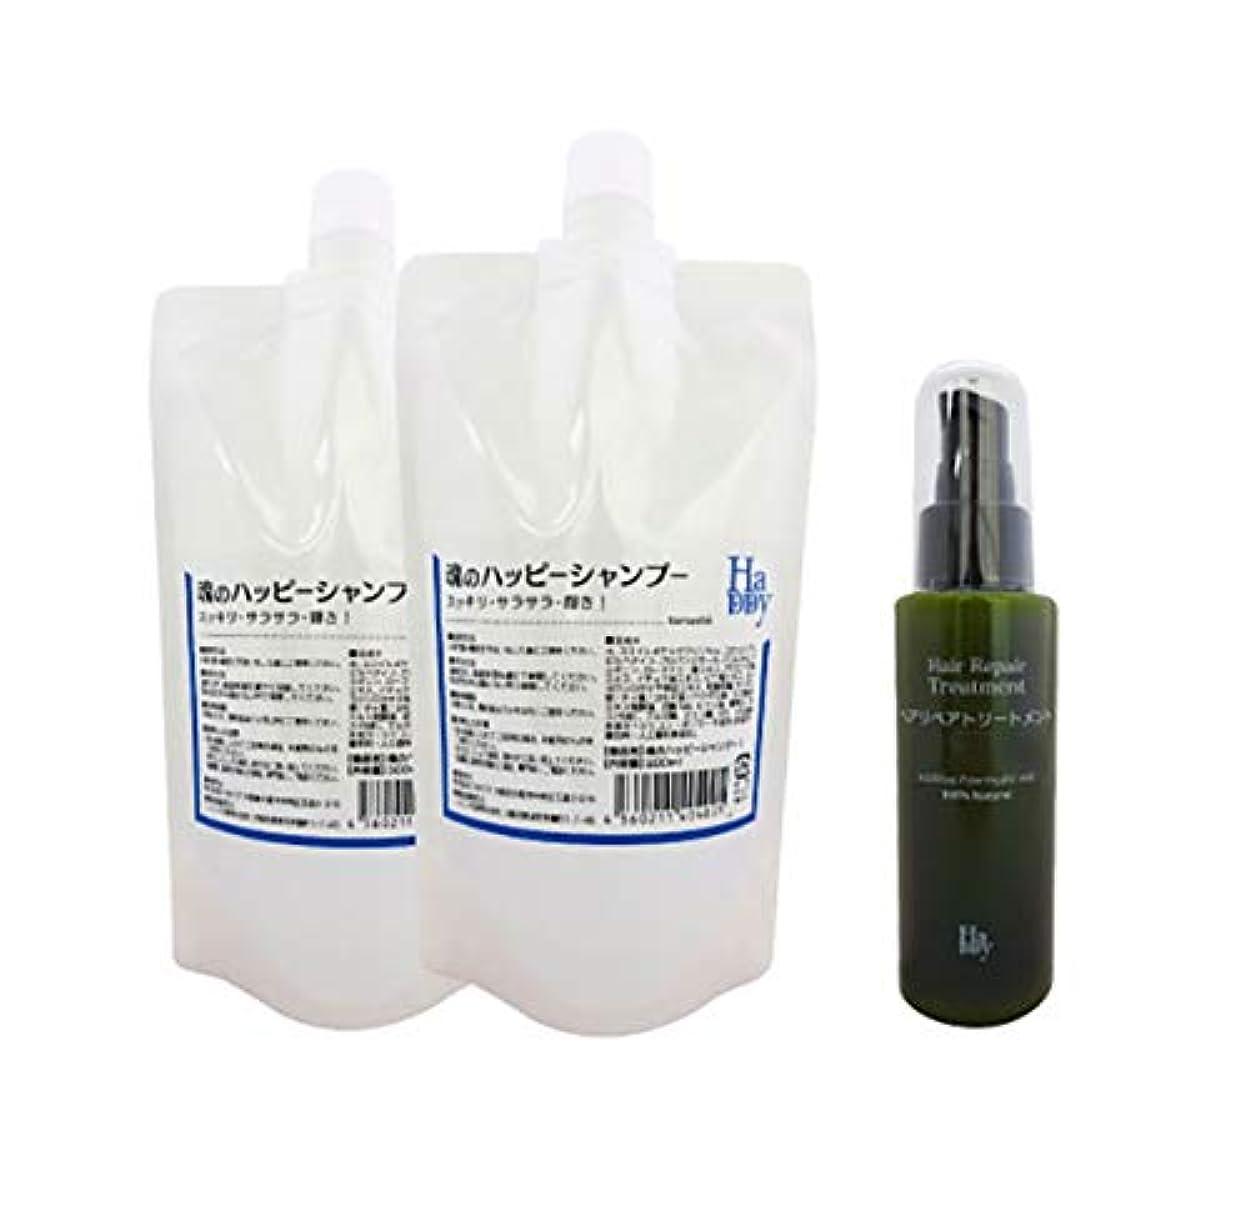 野な聖人サイトライン魂のハッピーシャンプー2個+洗い流さないヘアリペアトリートメント(無香料)セット 大人気の無添加うるおい美髪セット